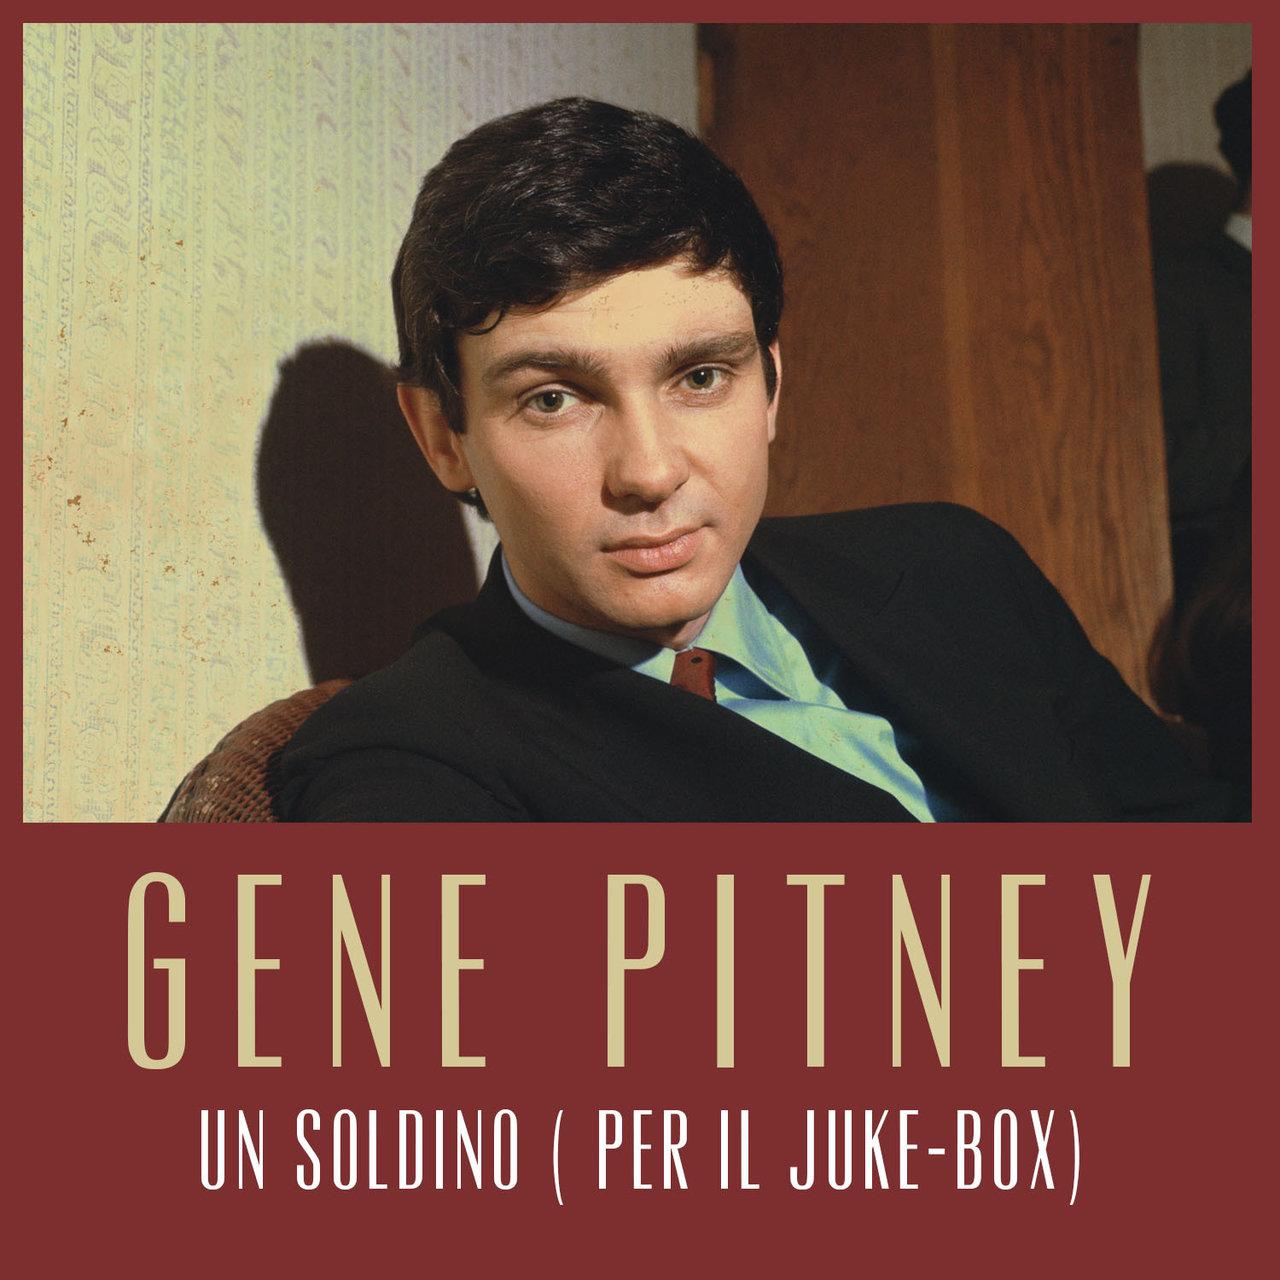 Tidal Listen To Gene Pitney On Tidal